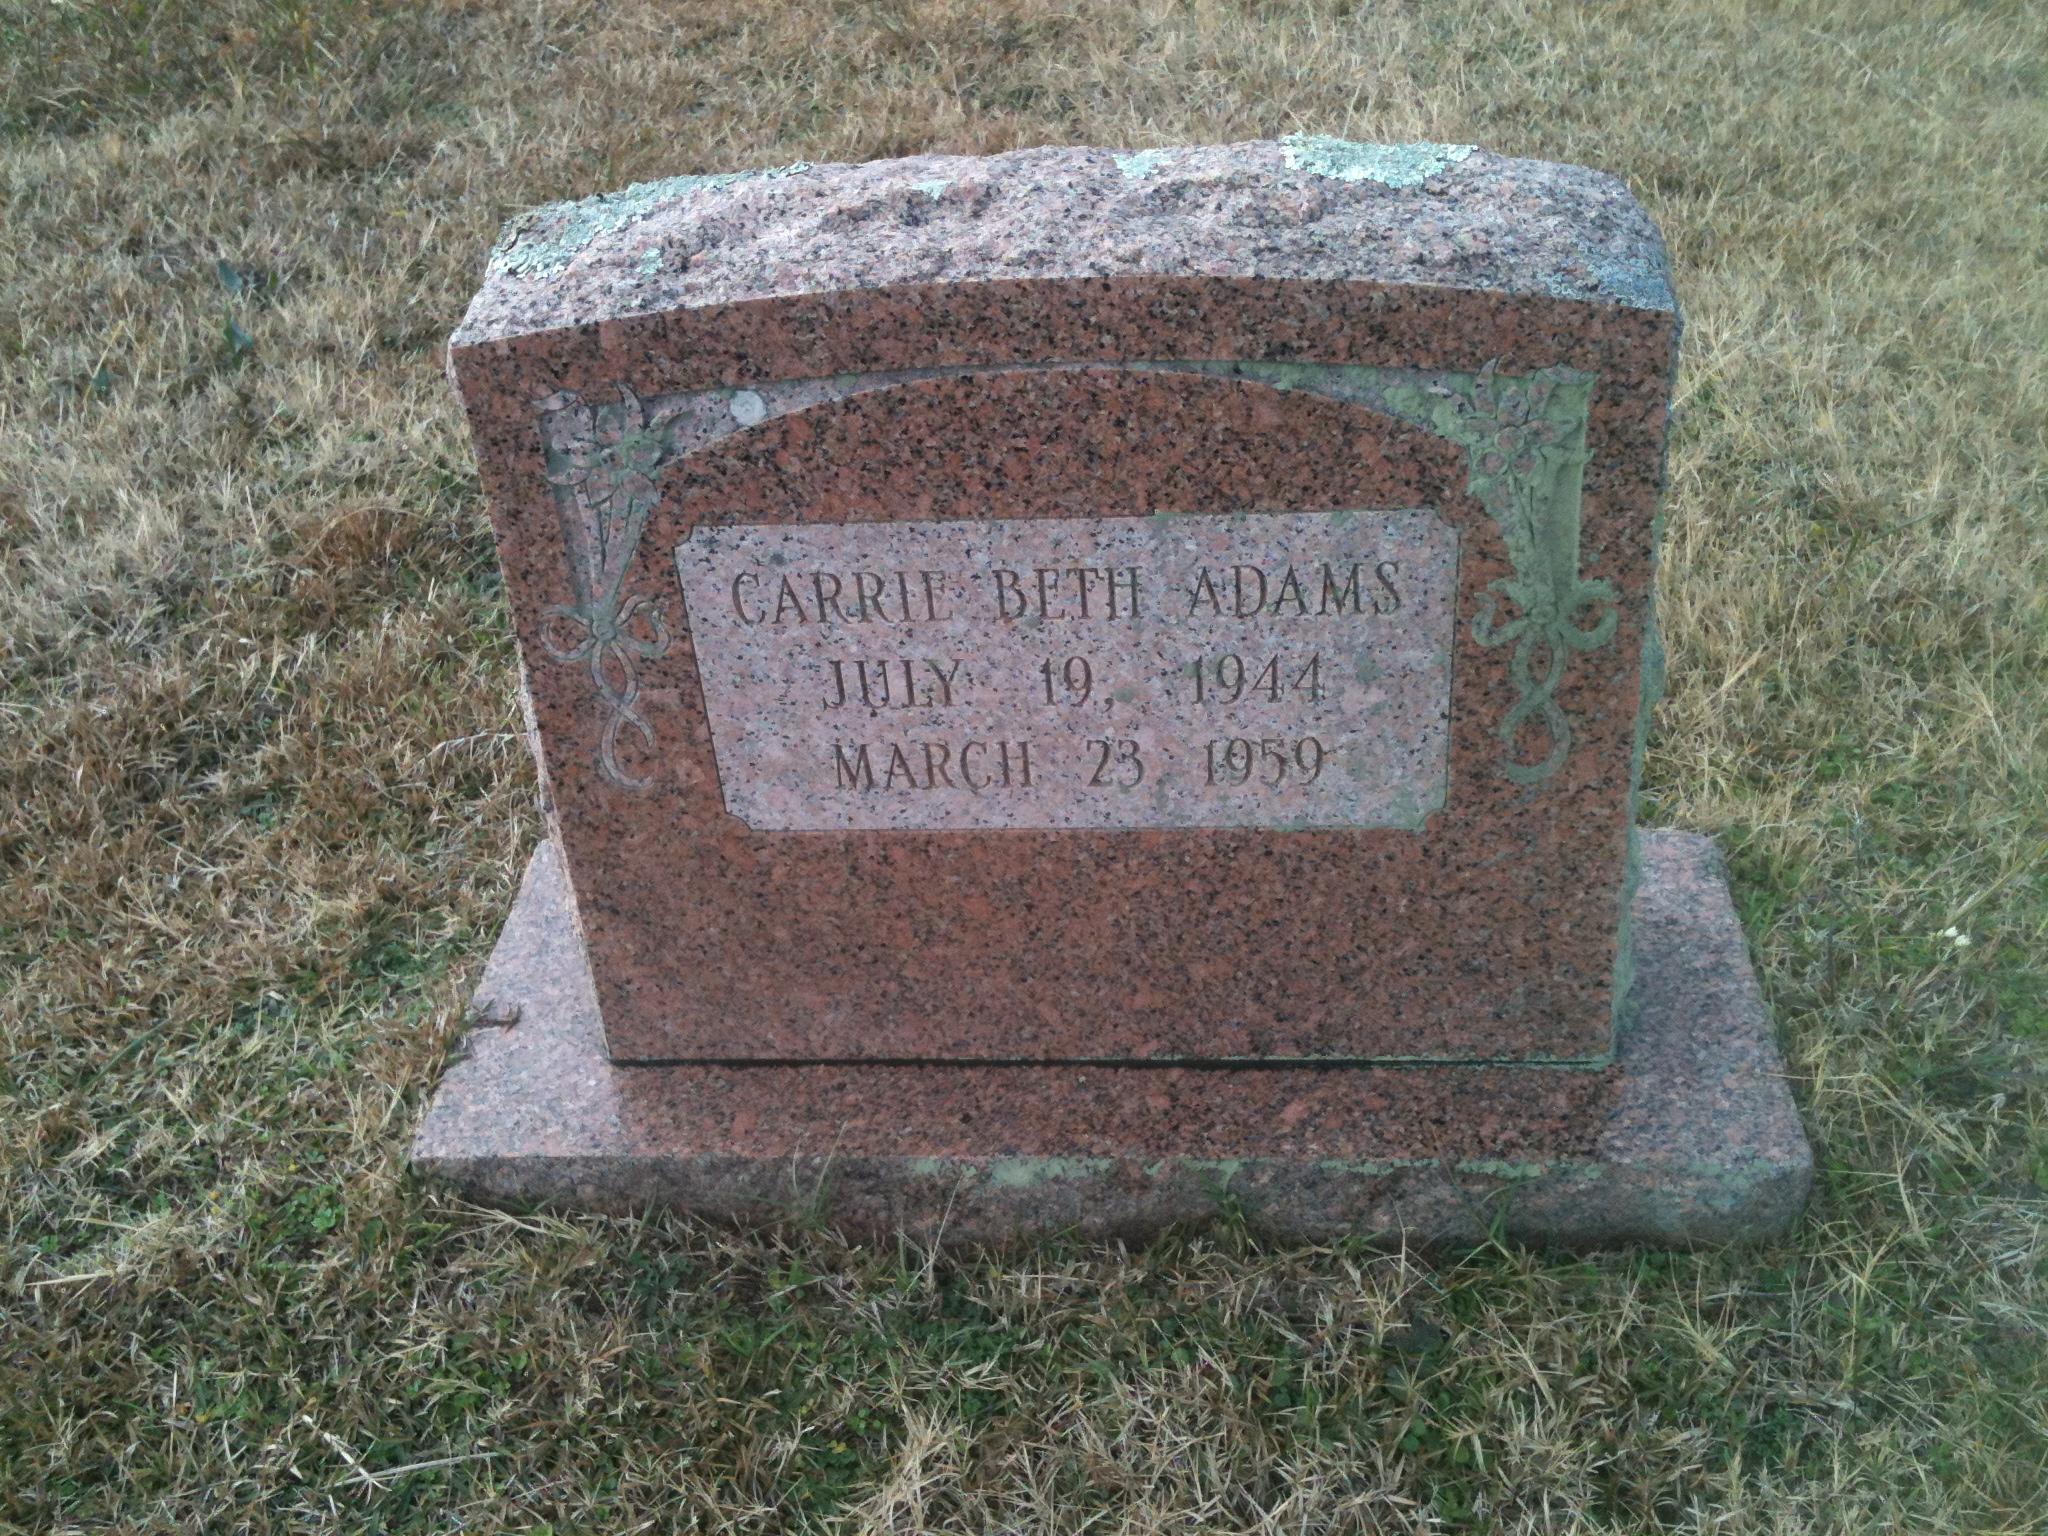 Carrie Beth Adams